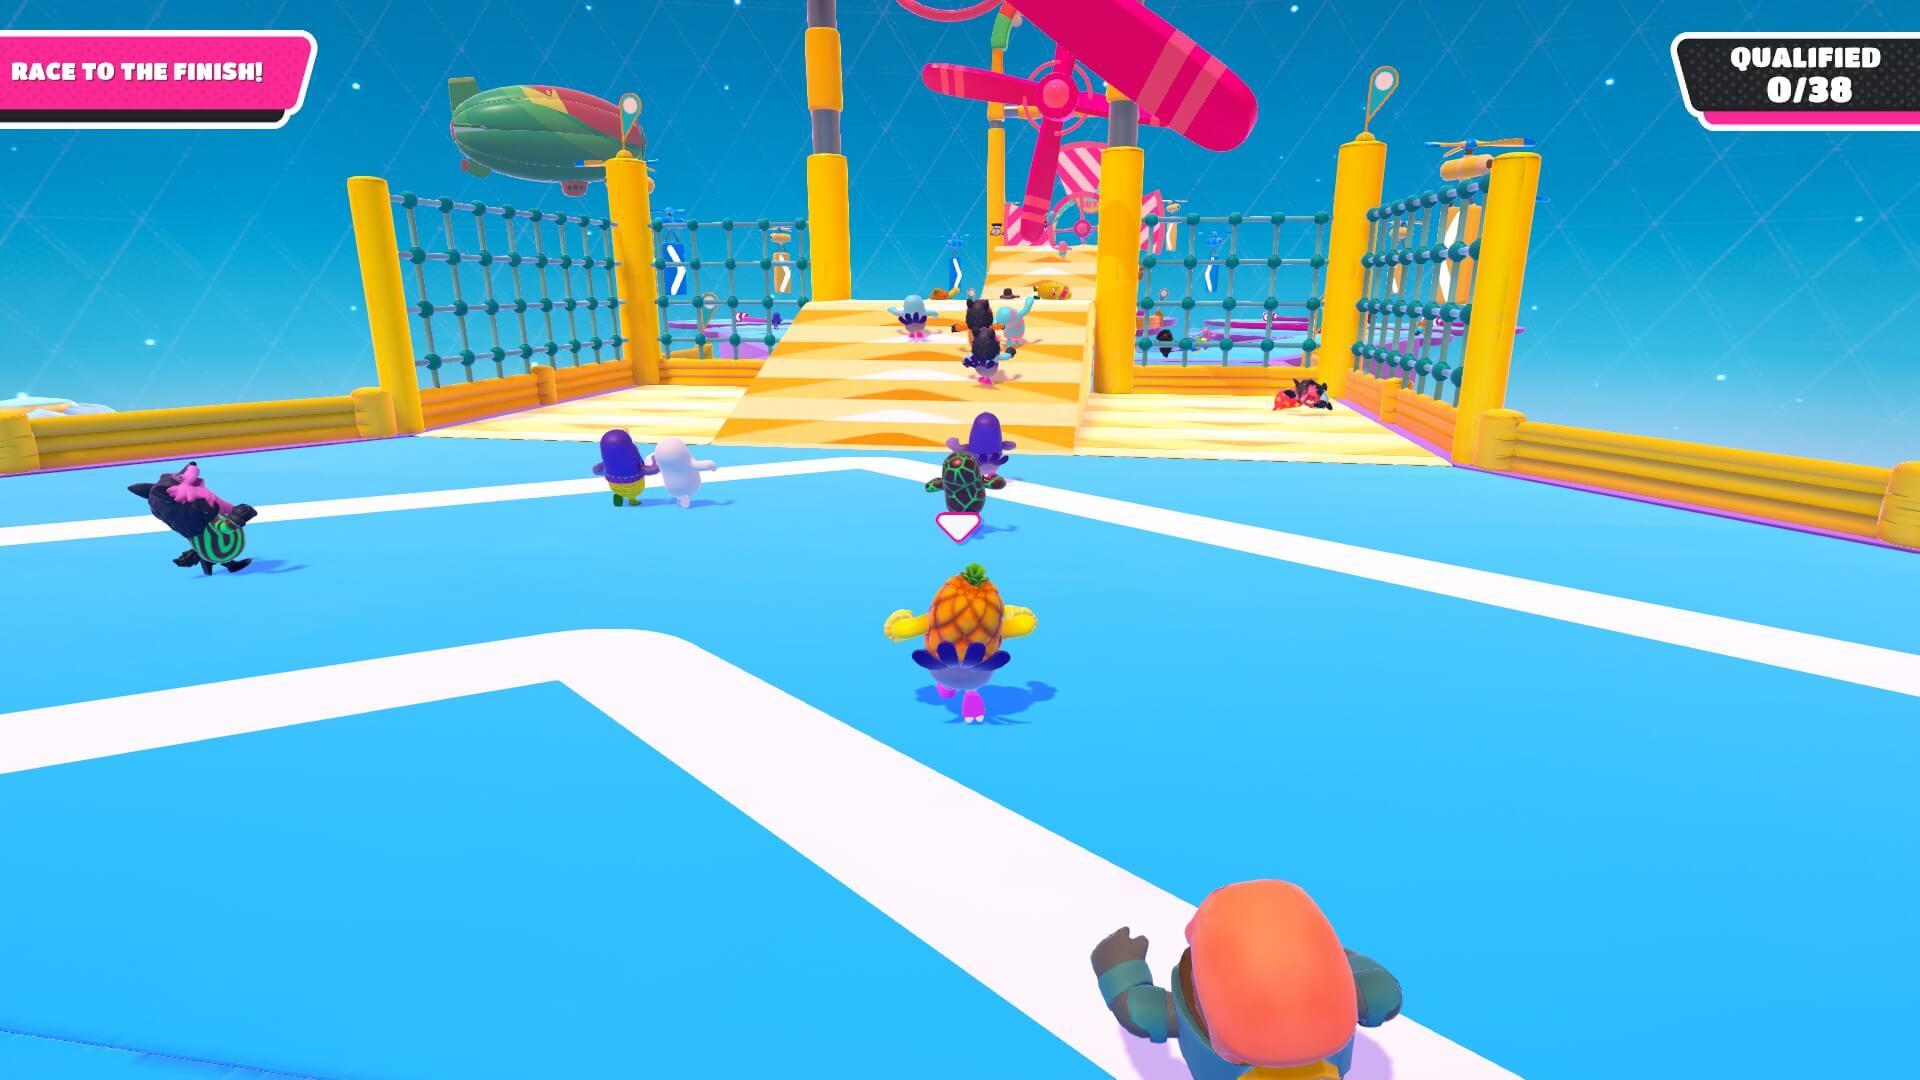 Fall Guys Gameplay Screenshot